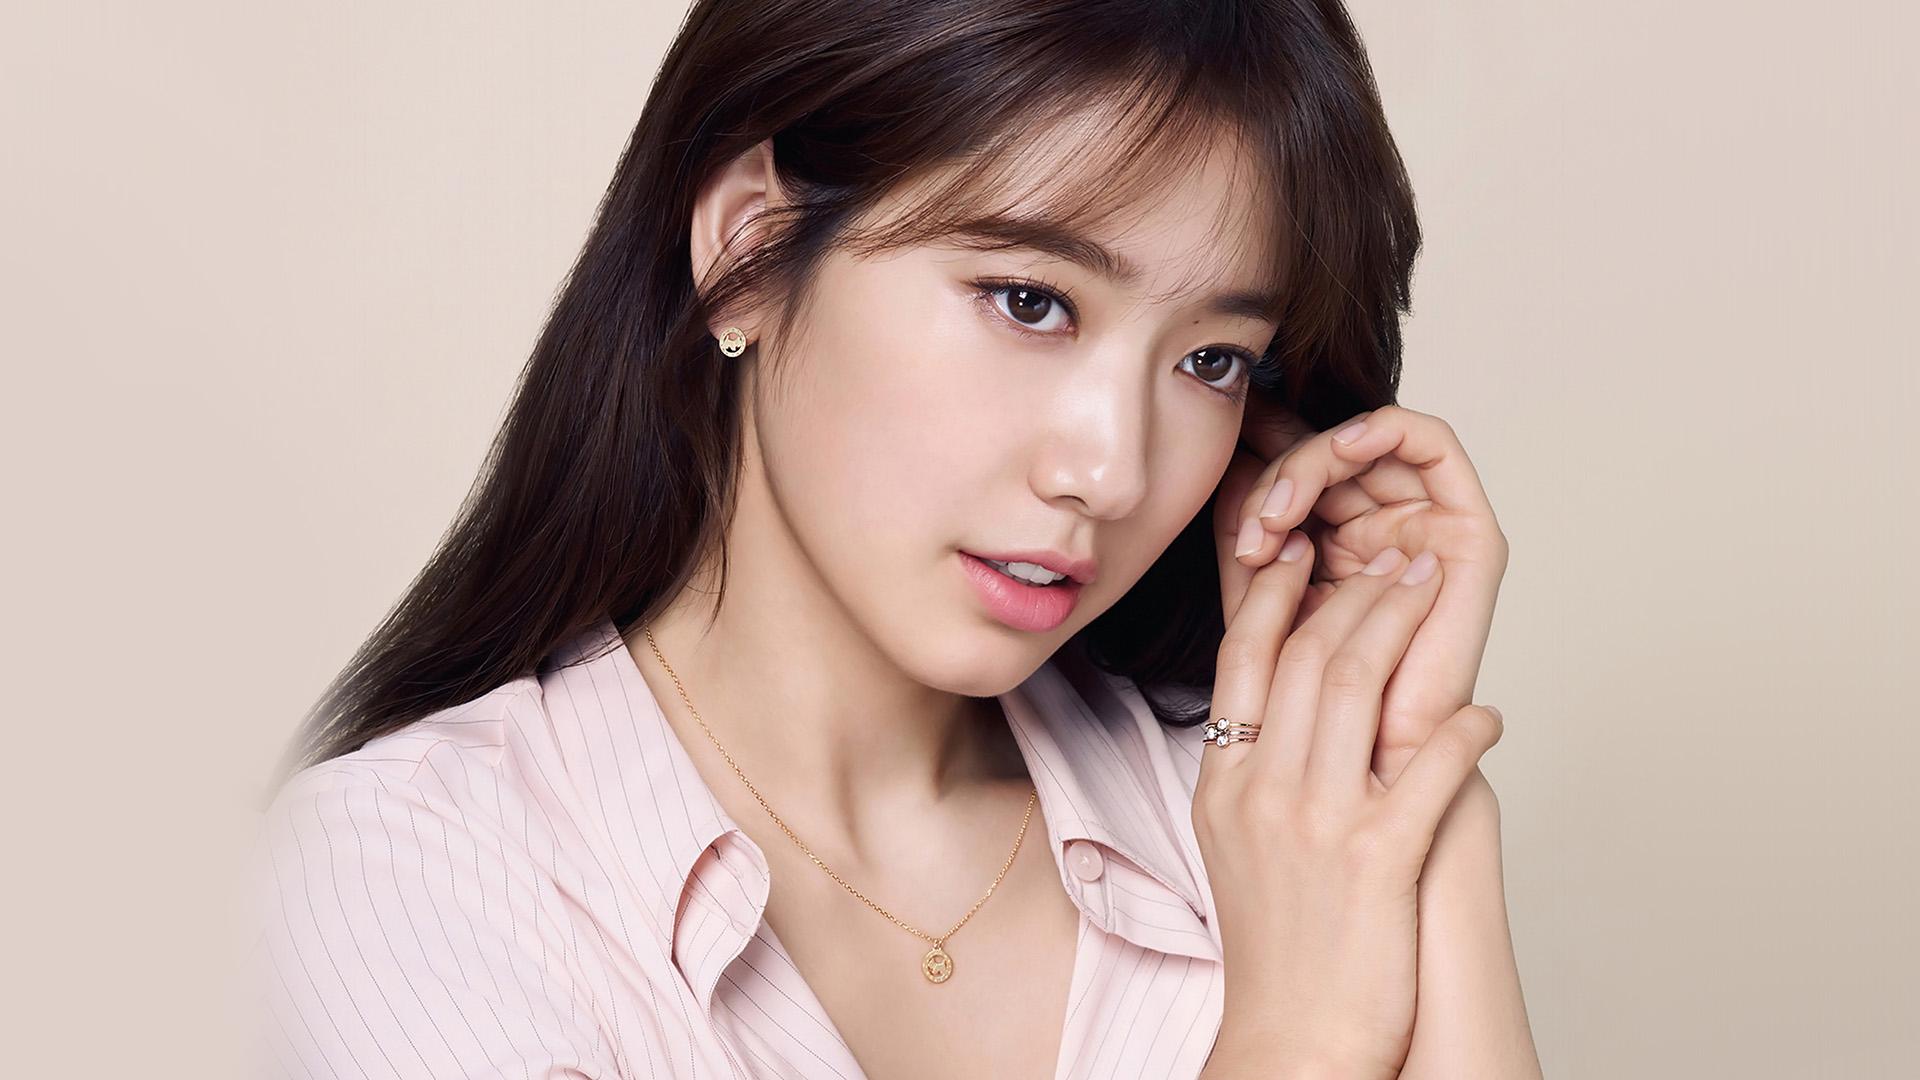 Kpop Girl Wallpaper Laptop Hn63 Korean Asian Girl Film Kpop Wallpaper